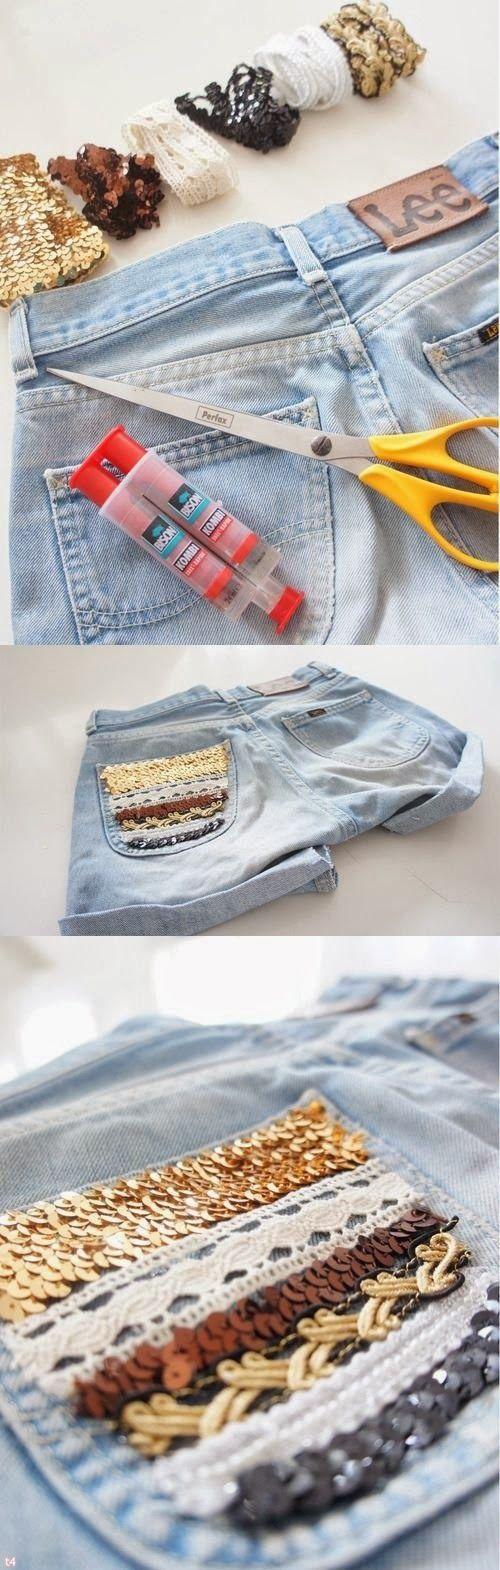 cute diy clothing ideas 2014